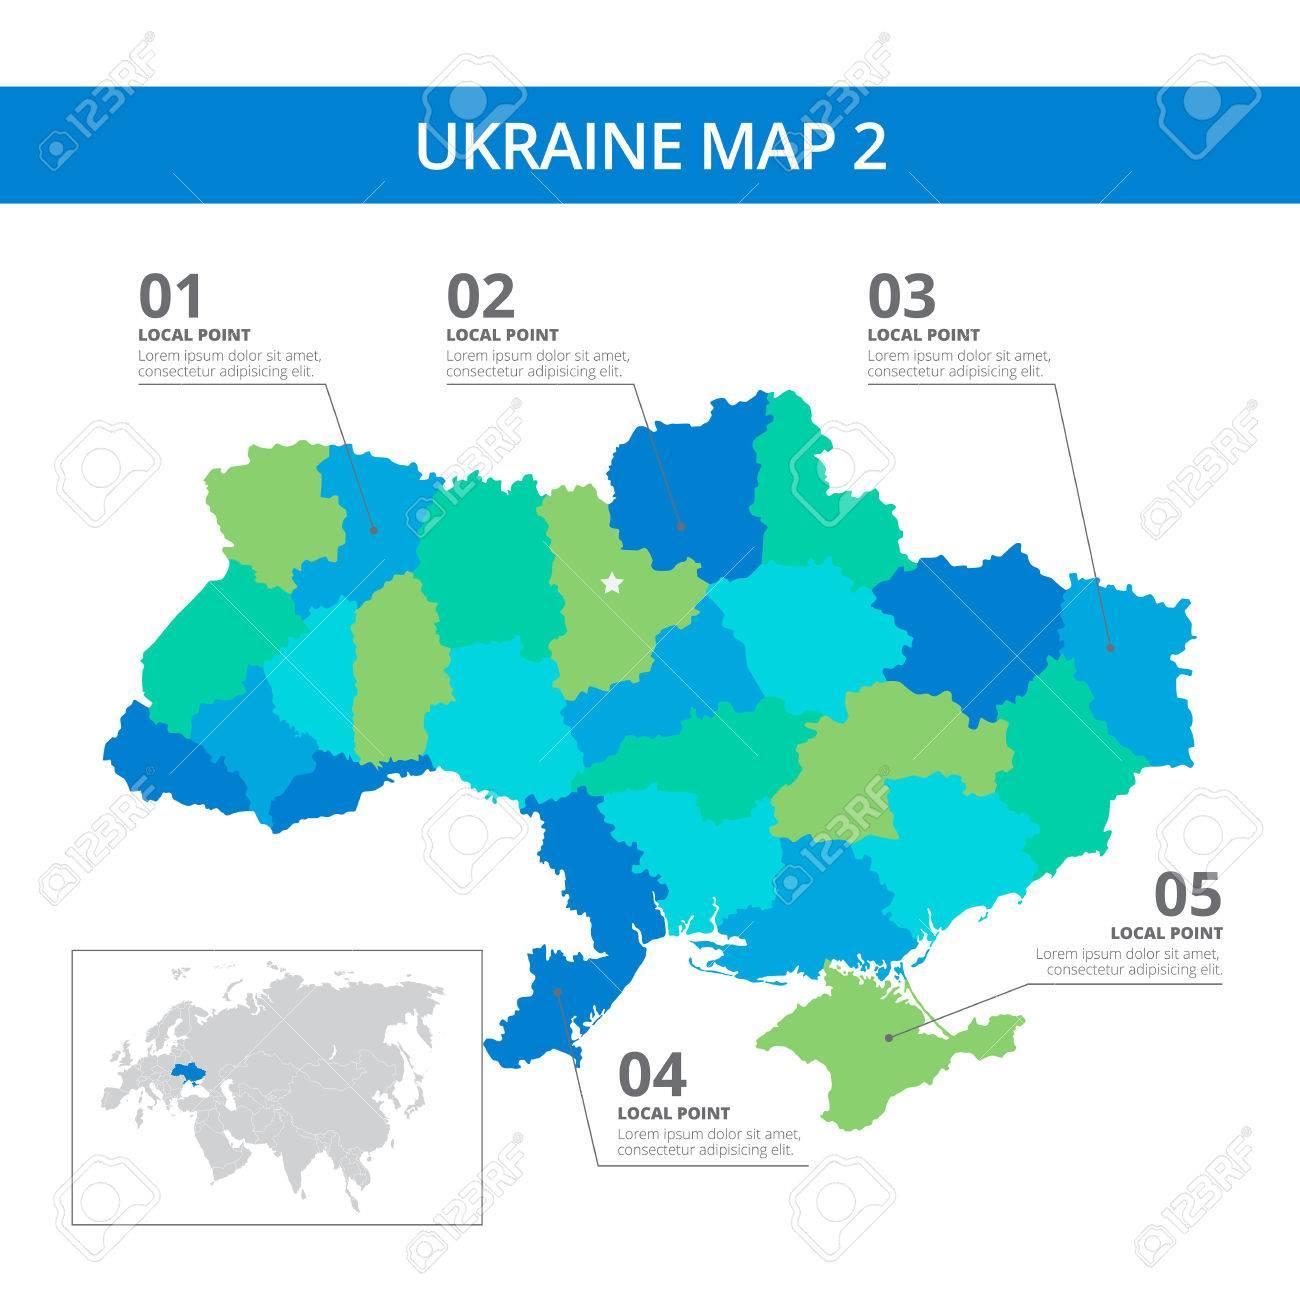 Ukraine Carte Du Monde.Modele Editable De Carte Detaillee De L Ukraine Avec Des Marques D Information Et Pays Silhouette Sur La Carte Du Monde Isole Sur Blanc